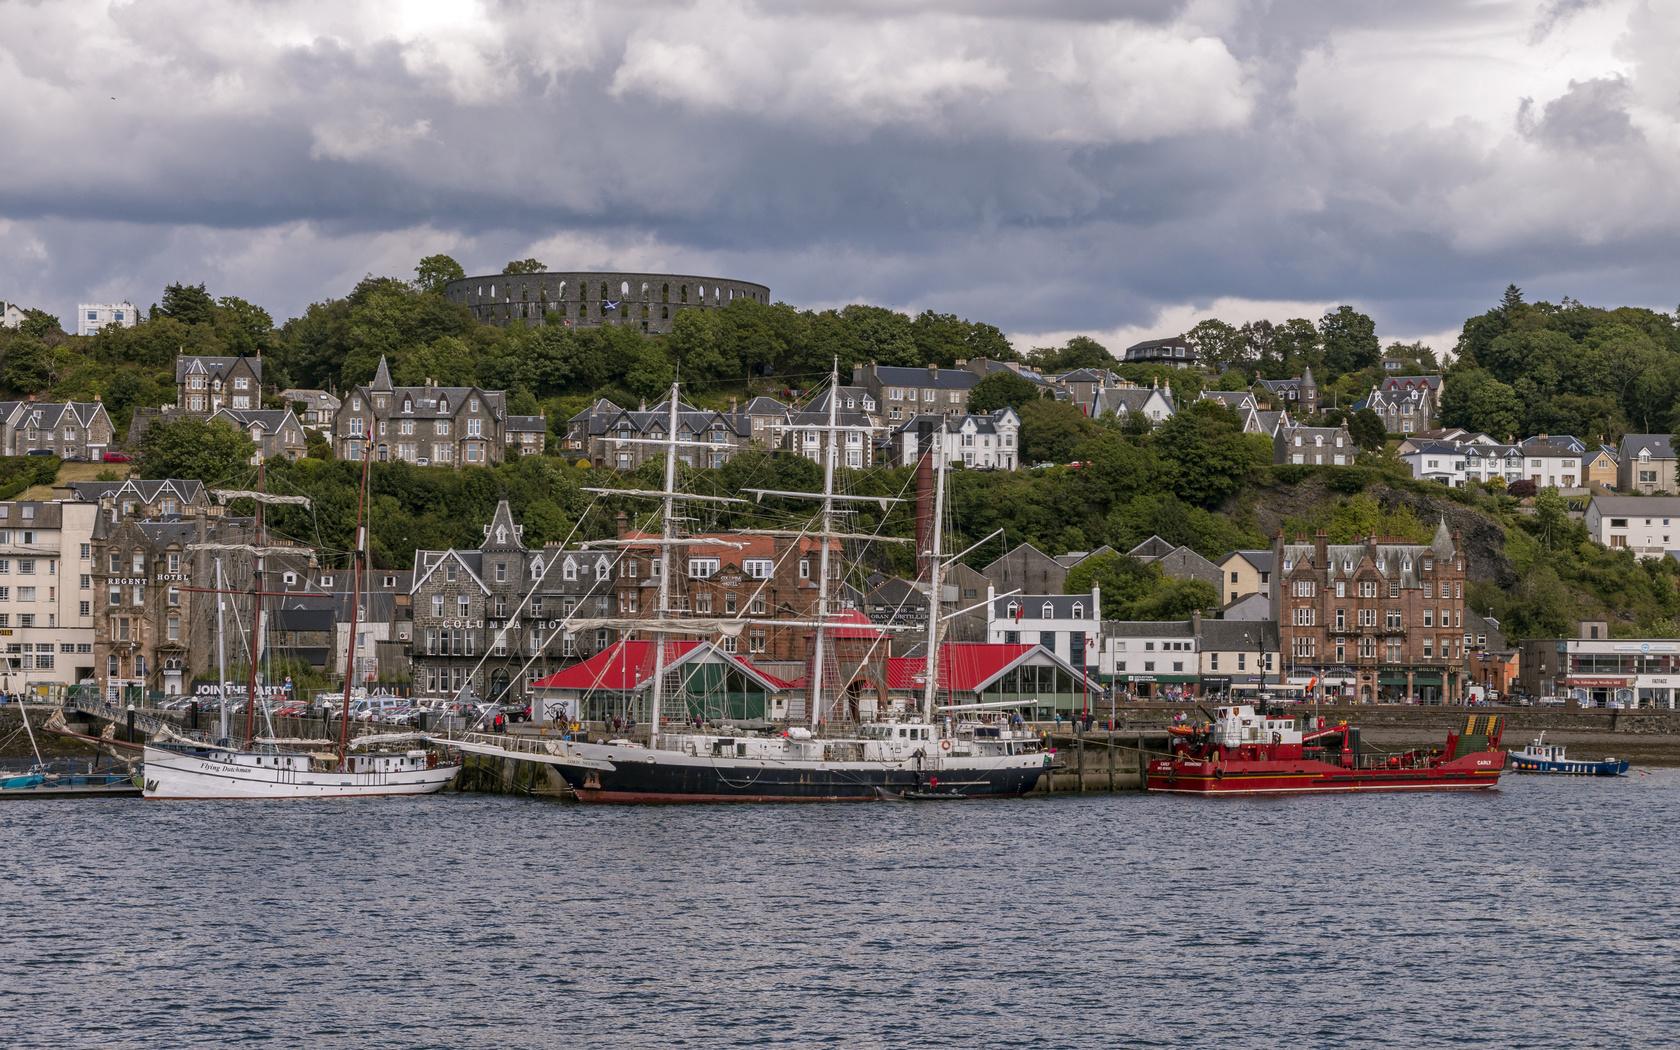 корабли, парусные, причал, дома, шотландия, oban, залив, город